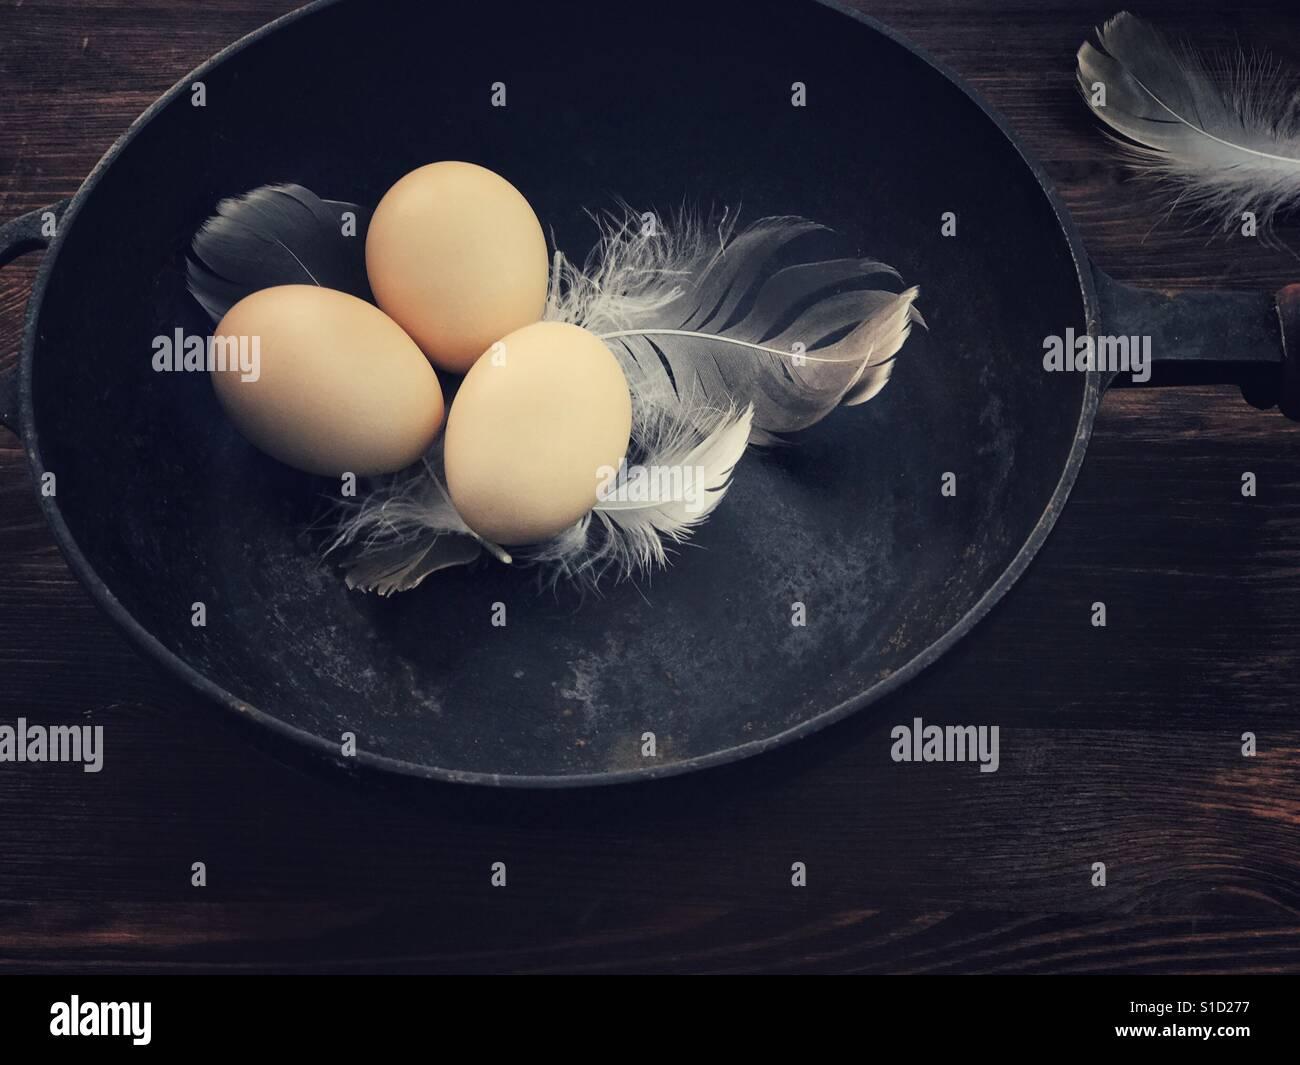 Drei Hühnereier in einer schwarzen gusseisernen Pfanne Stockfoto